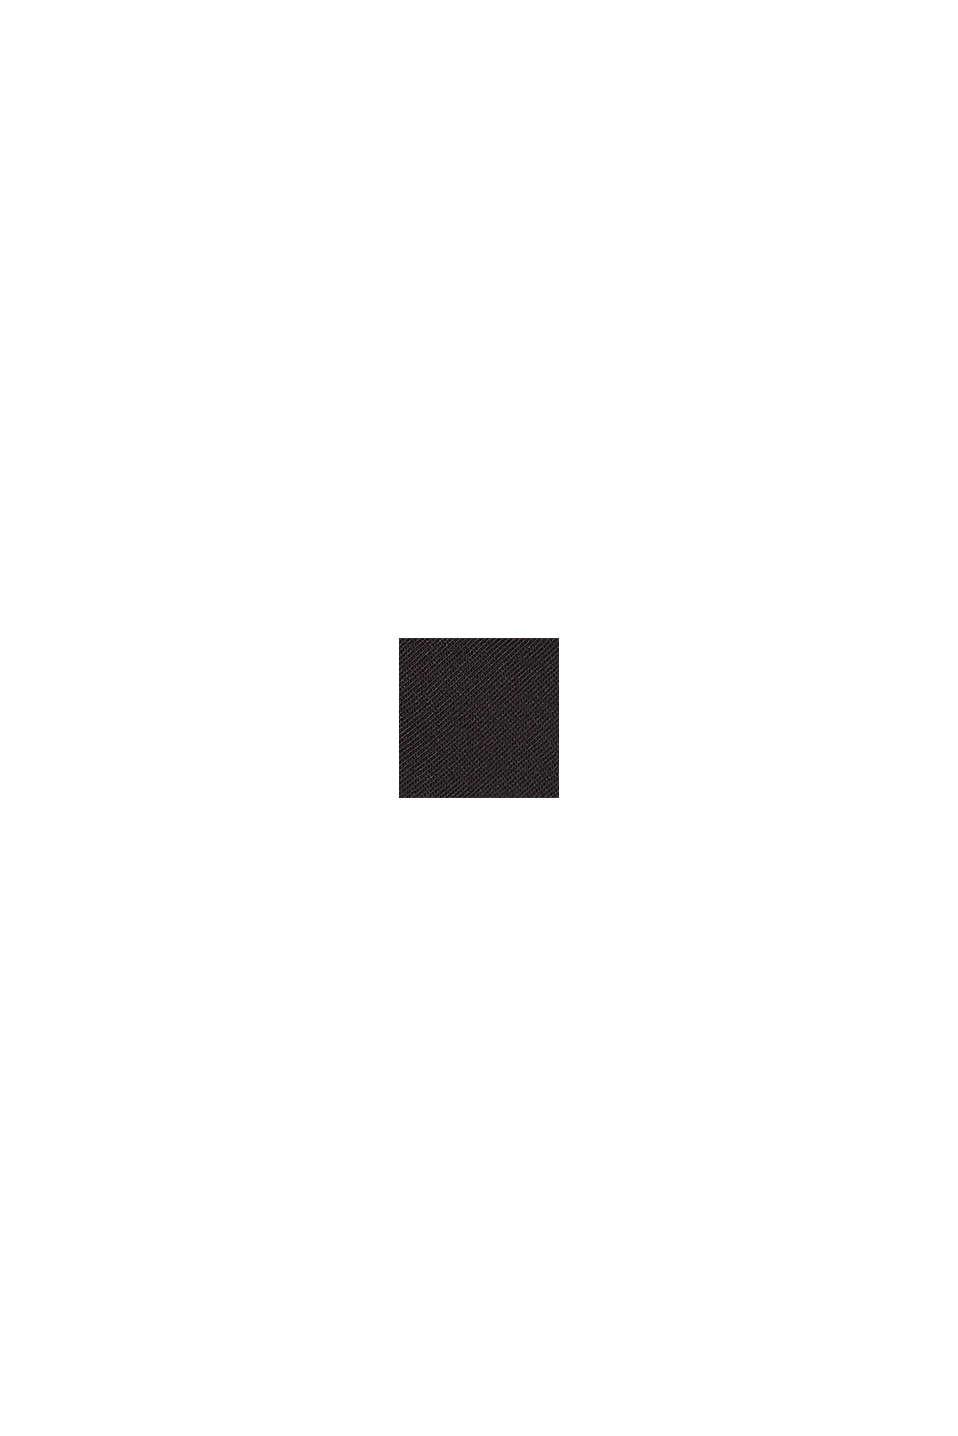 5paires de chaussettes en coton mélangé, BLACK, swatch